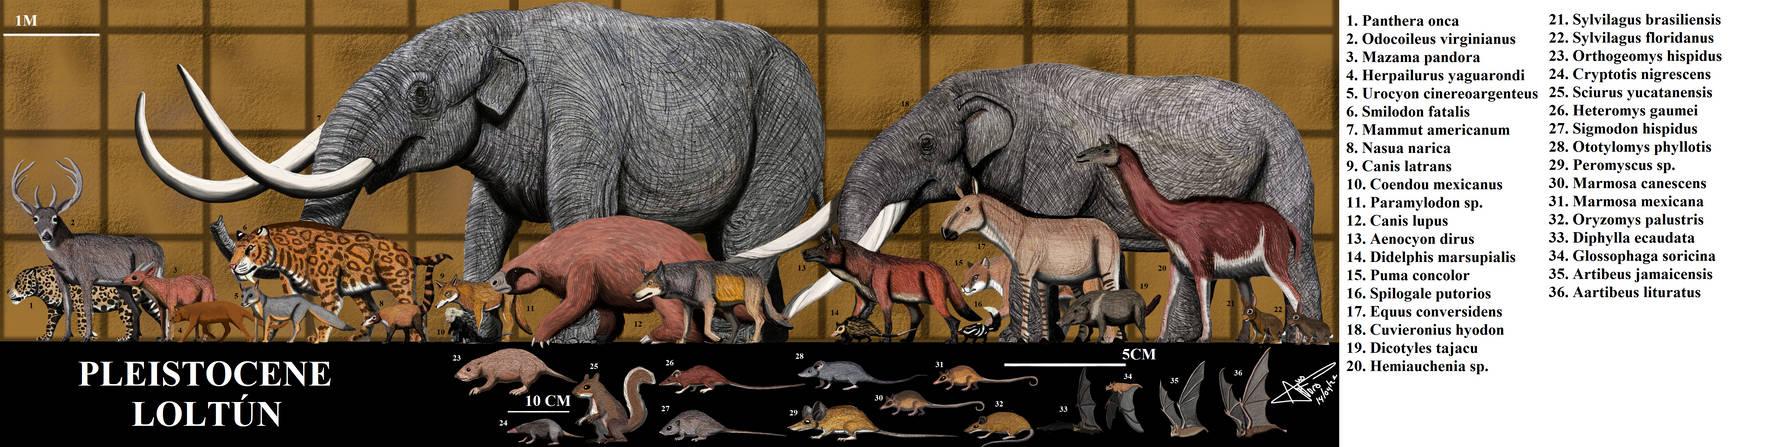 Loltun Pleistocene mammals